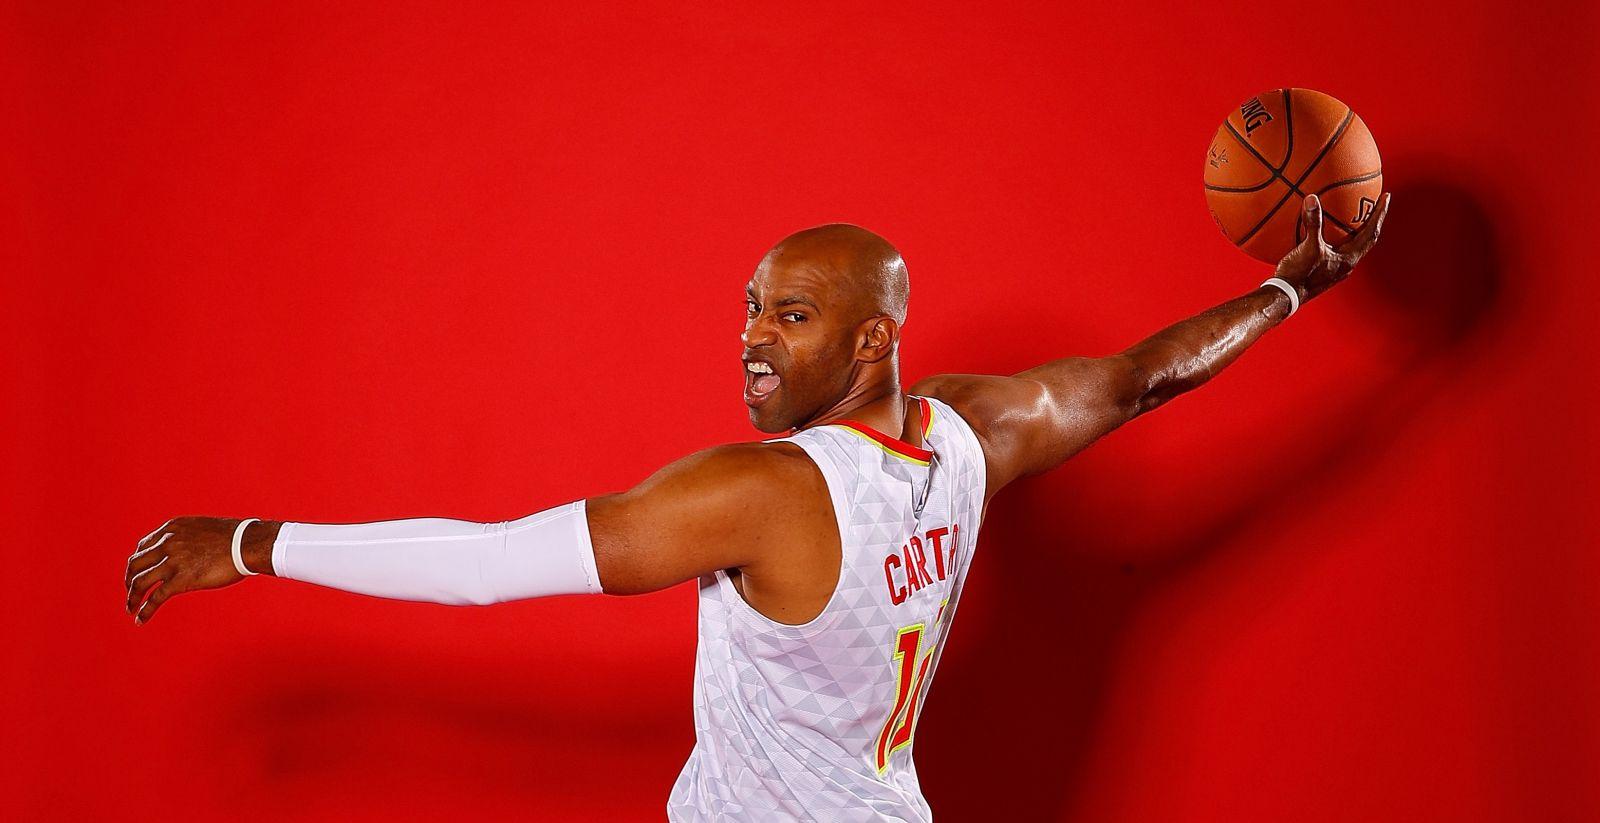 UFO还在飞!NBA官方祝飞人卡特43岁生日快乐